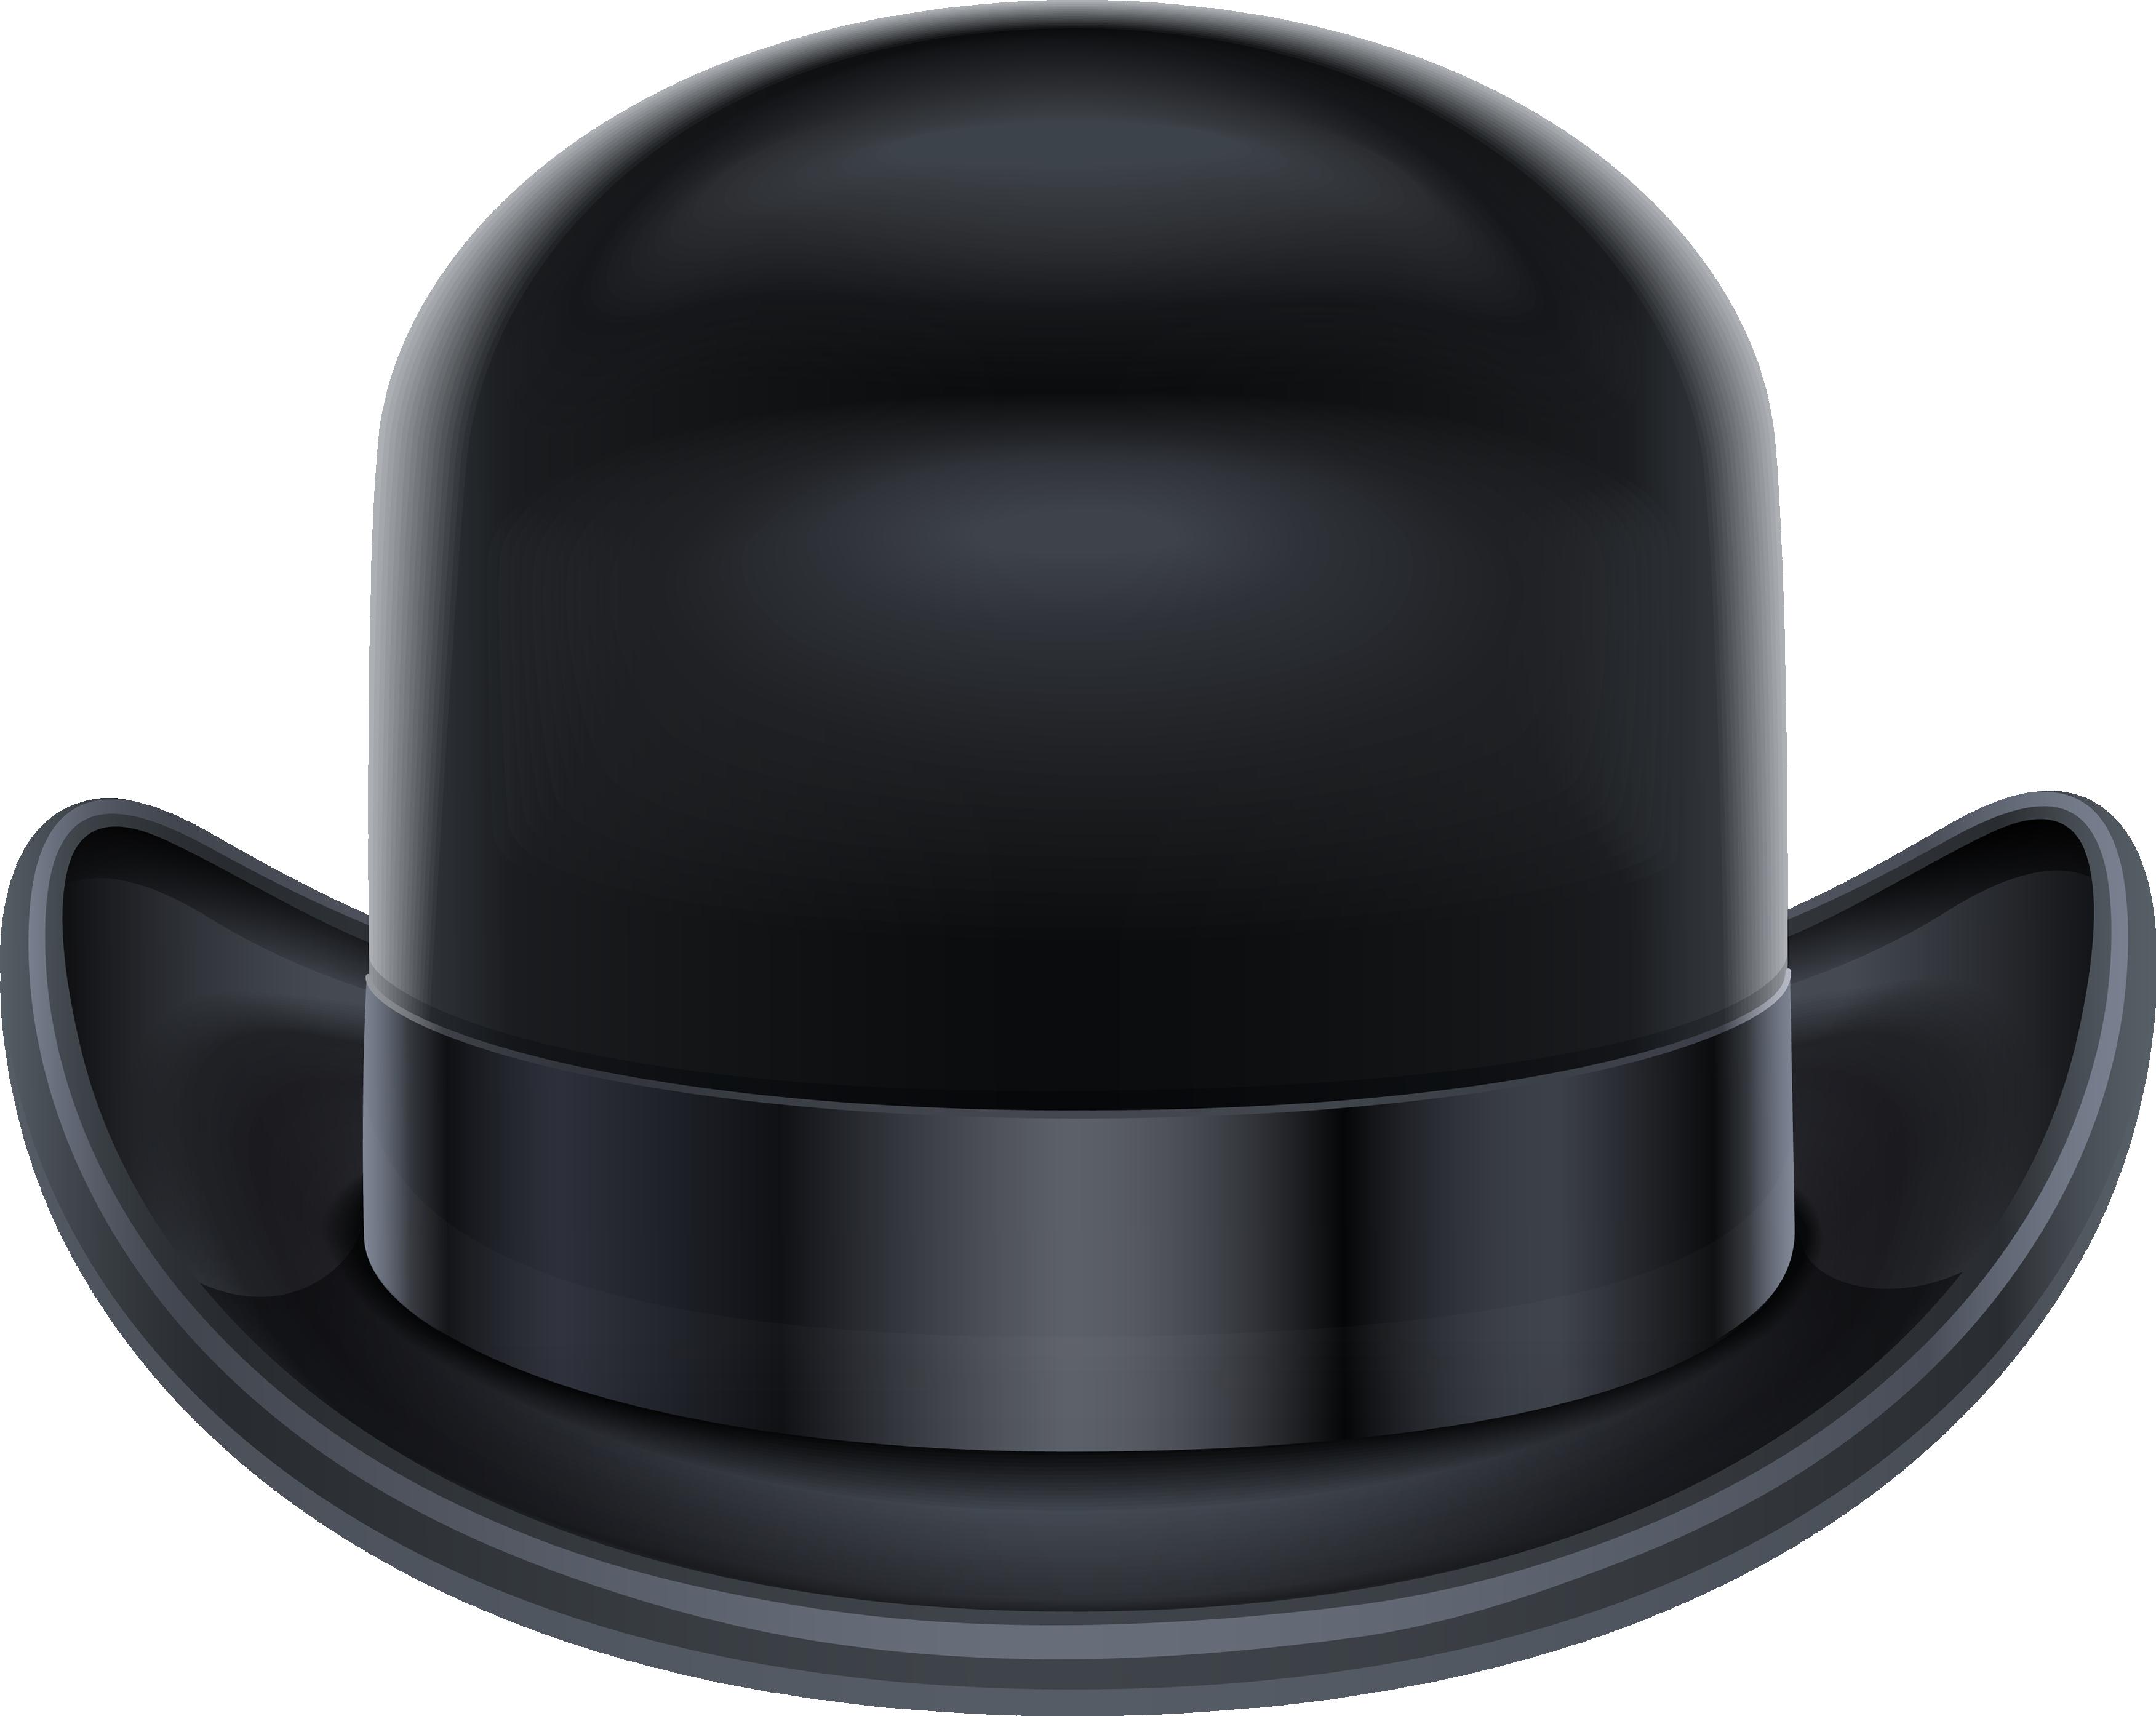 Black hat PNG image - Hat PNG